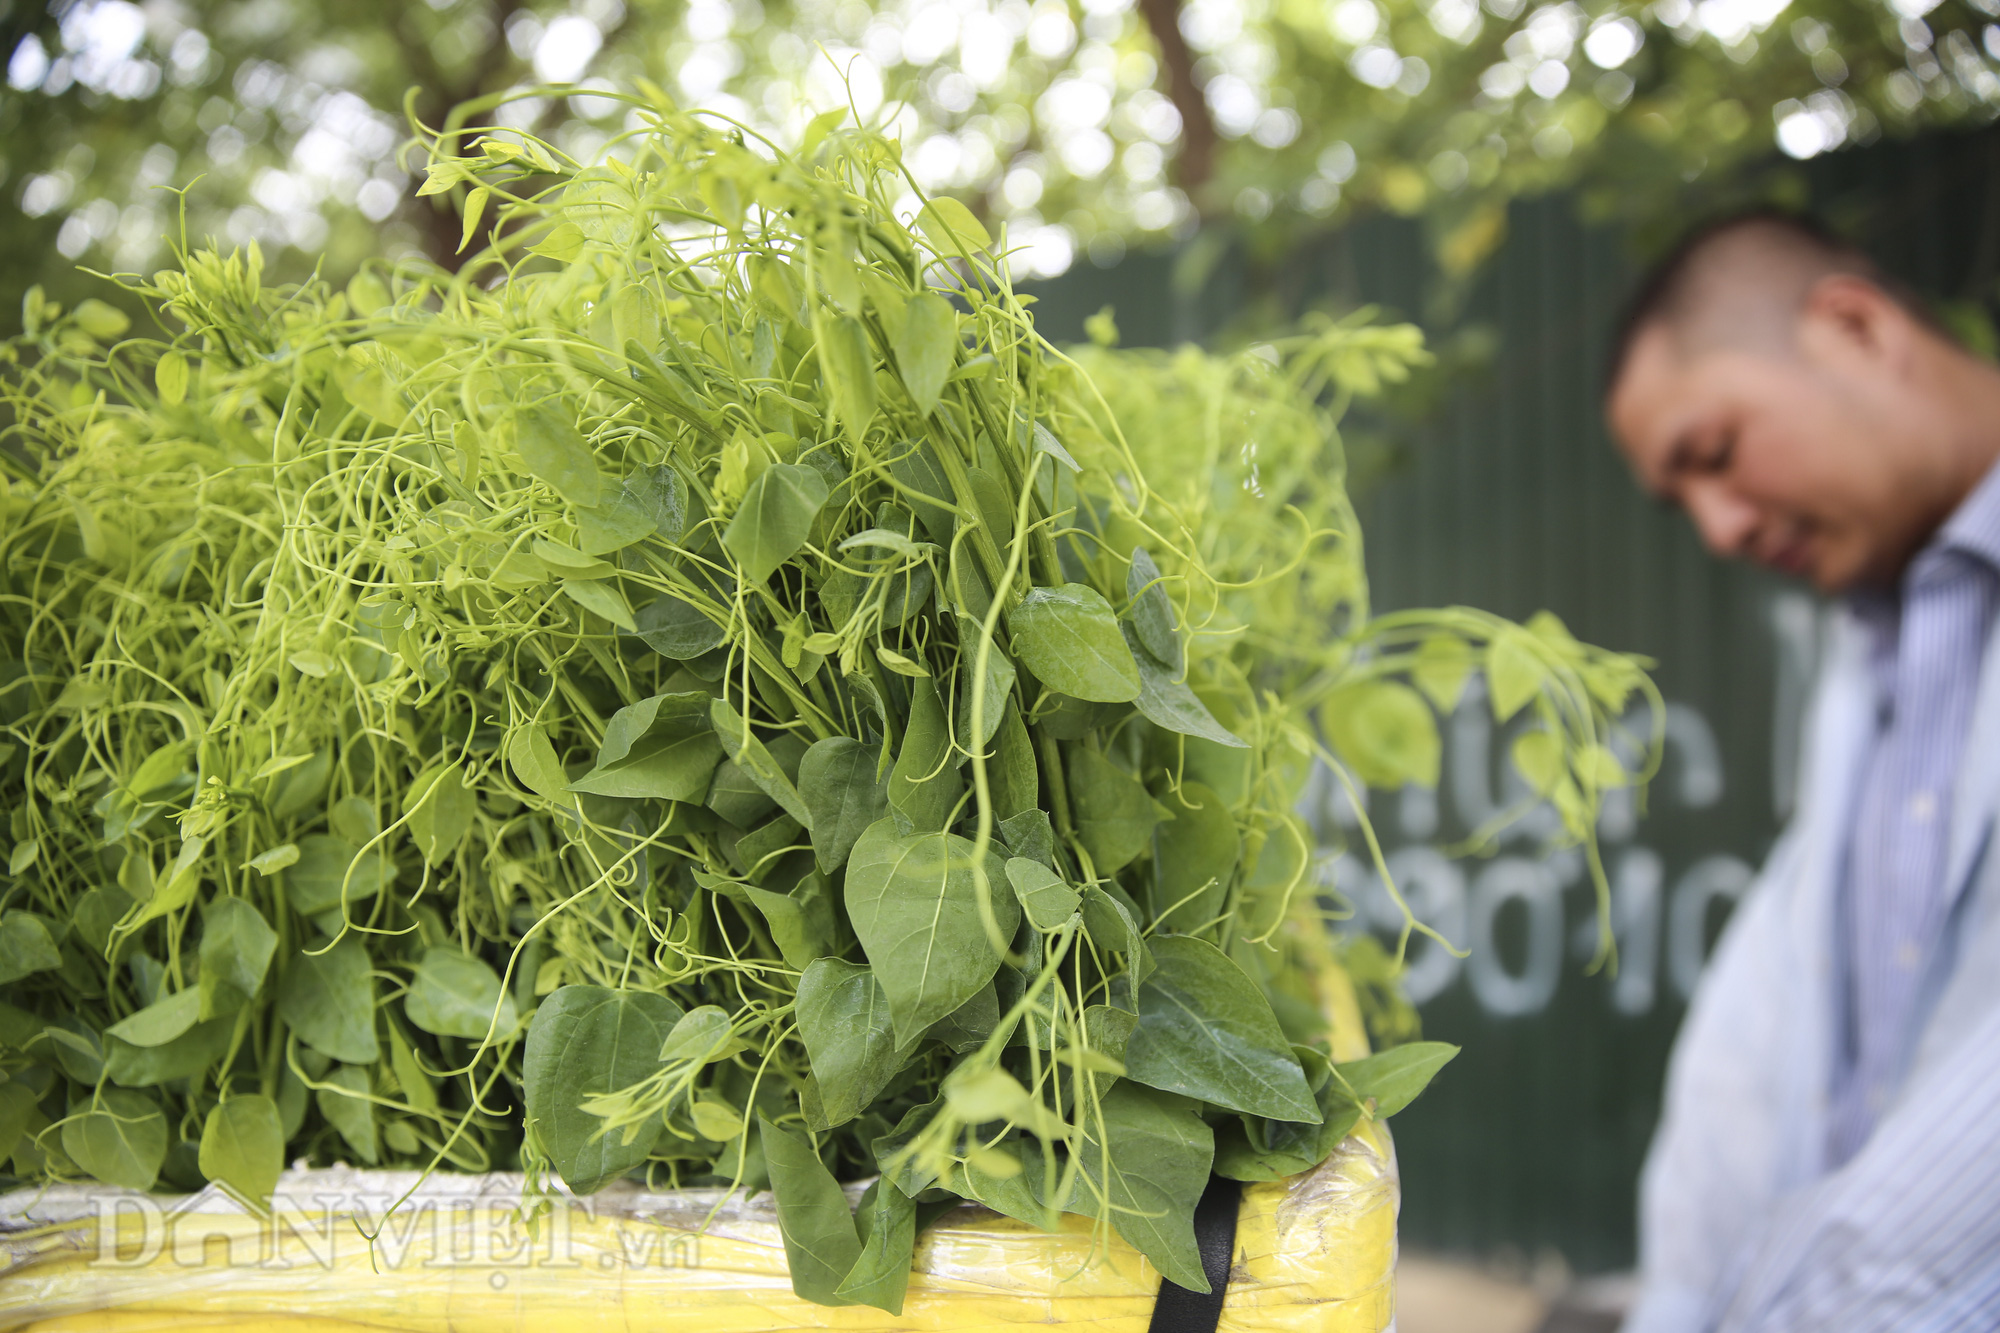 """Đặc sản rau rừng """"bò khai Tây Bắc"""" đổ về Hà Nội, 50.000 đồng/bó vẫn hút khách - Ảnh 3."""